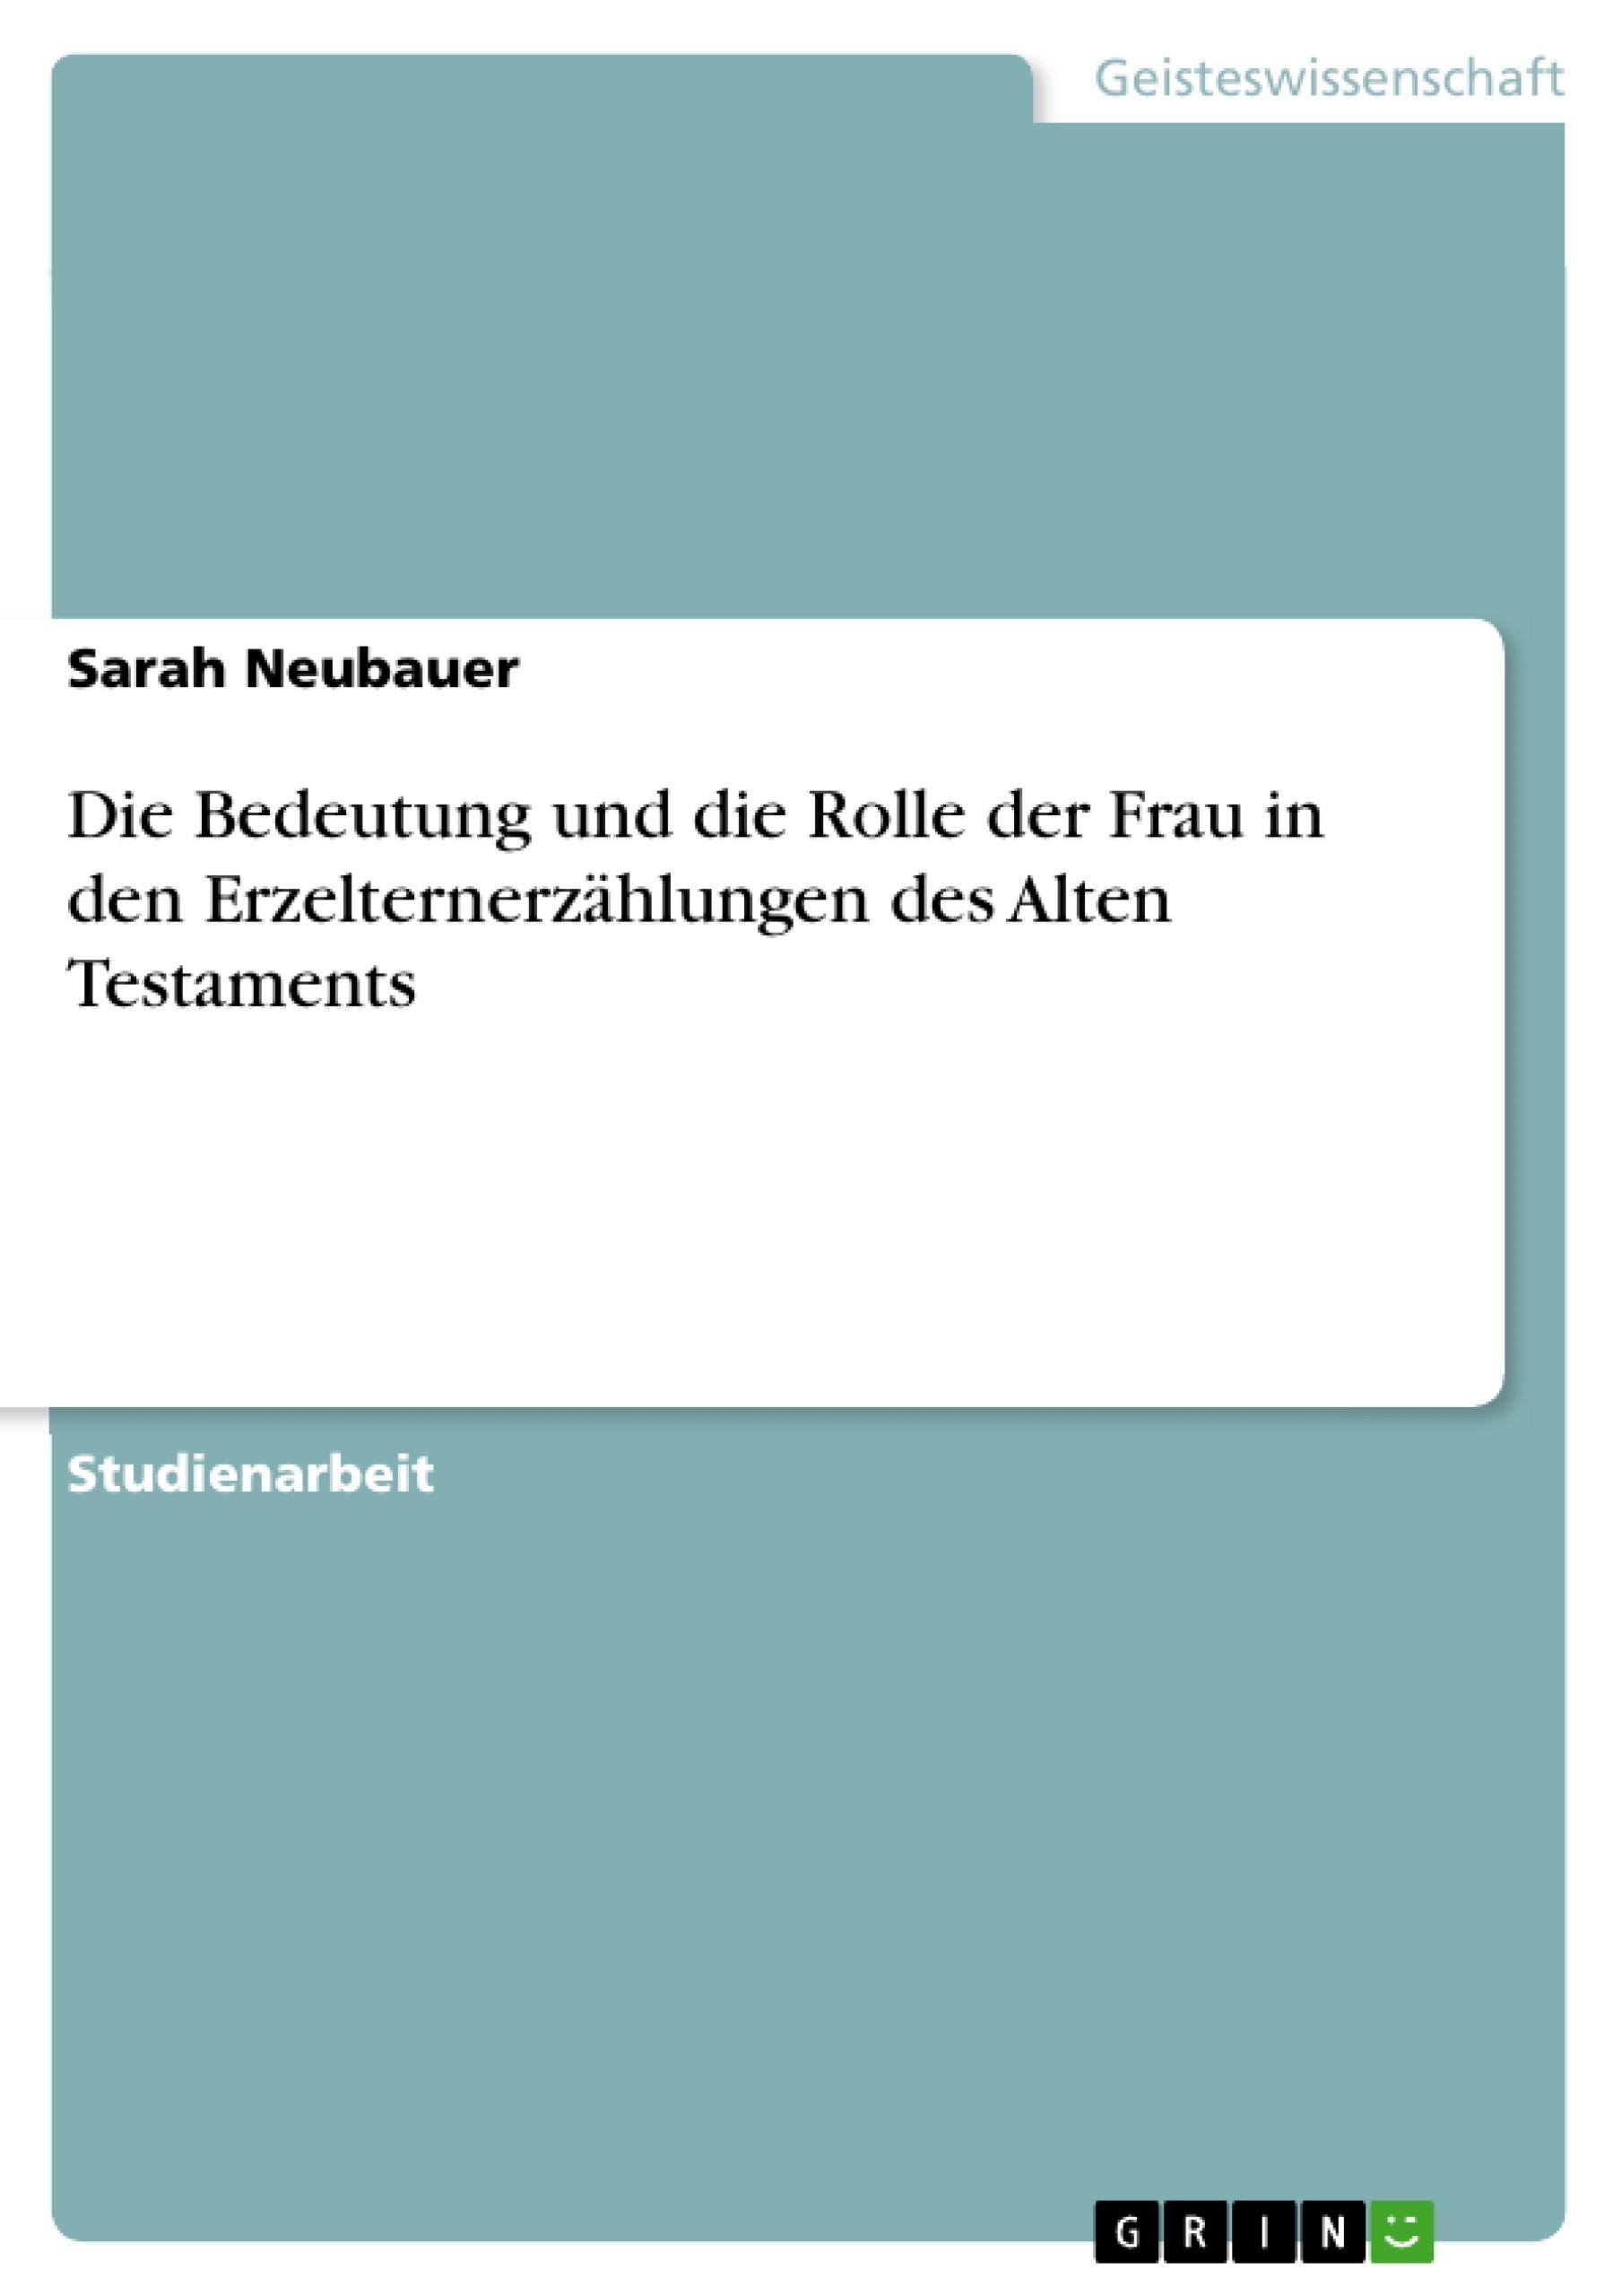 Titel: Die Bedeutung und die Rolle der Frau in den Erzelternerzähungen des Alten Testaments